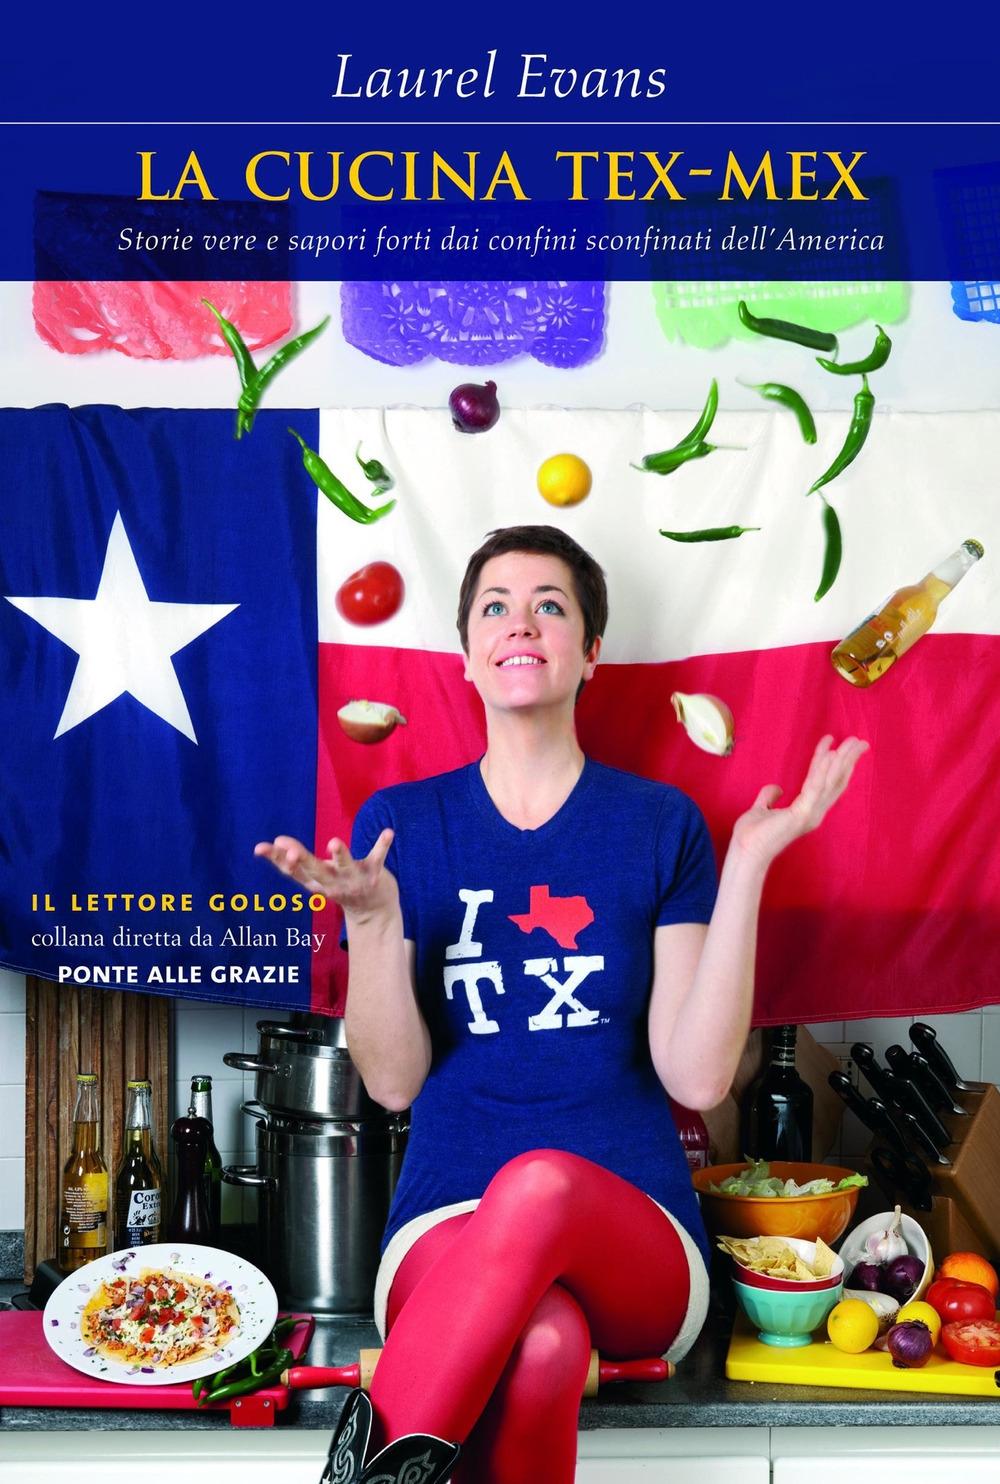 La cucina tex-mex. Storie vere e saporti forti dai confini sconfinati dell'America.